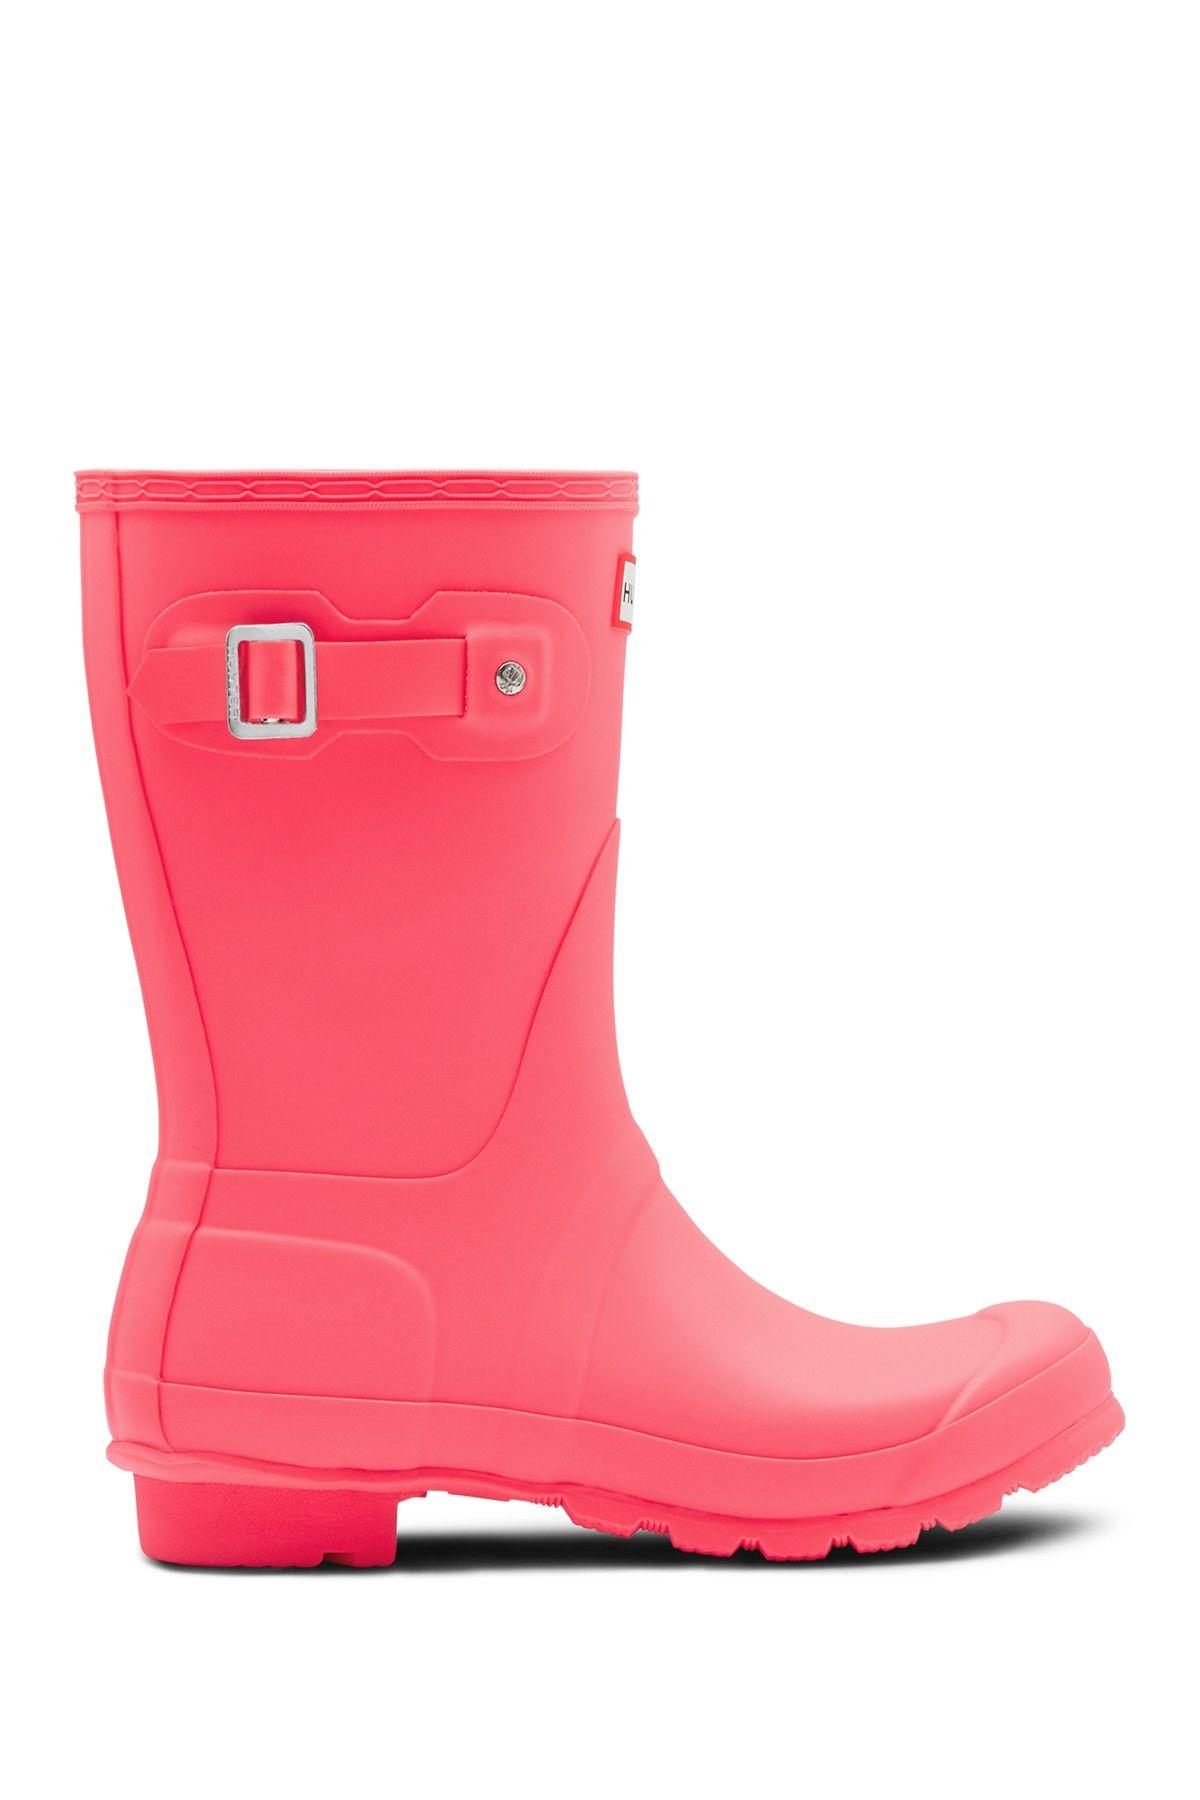 Hunter Original Short Waterproof Rain Boot Rain Boots Cute